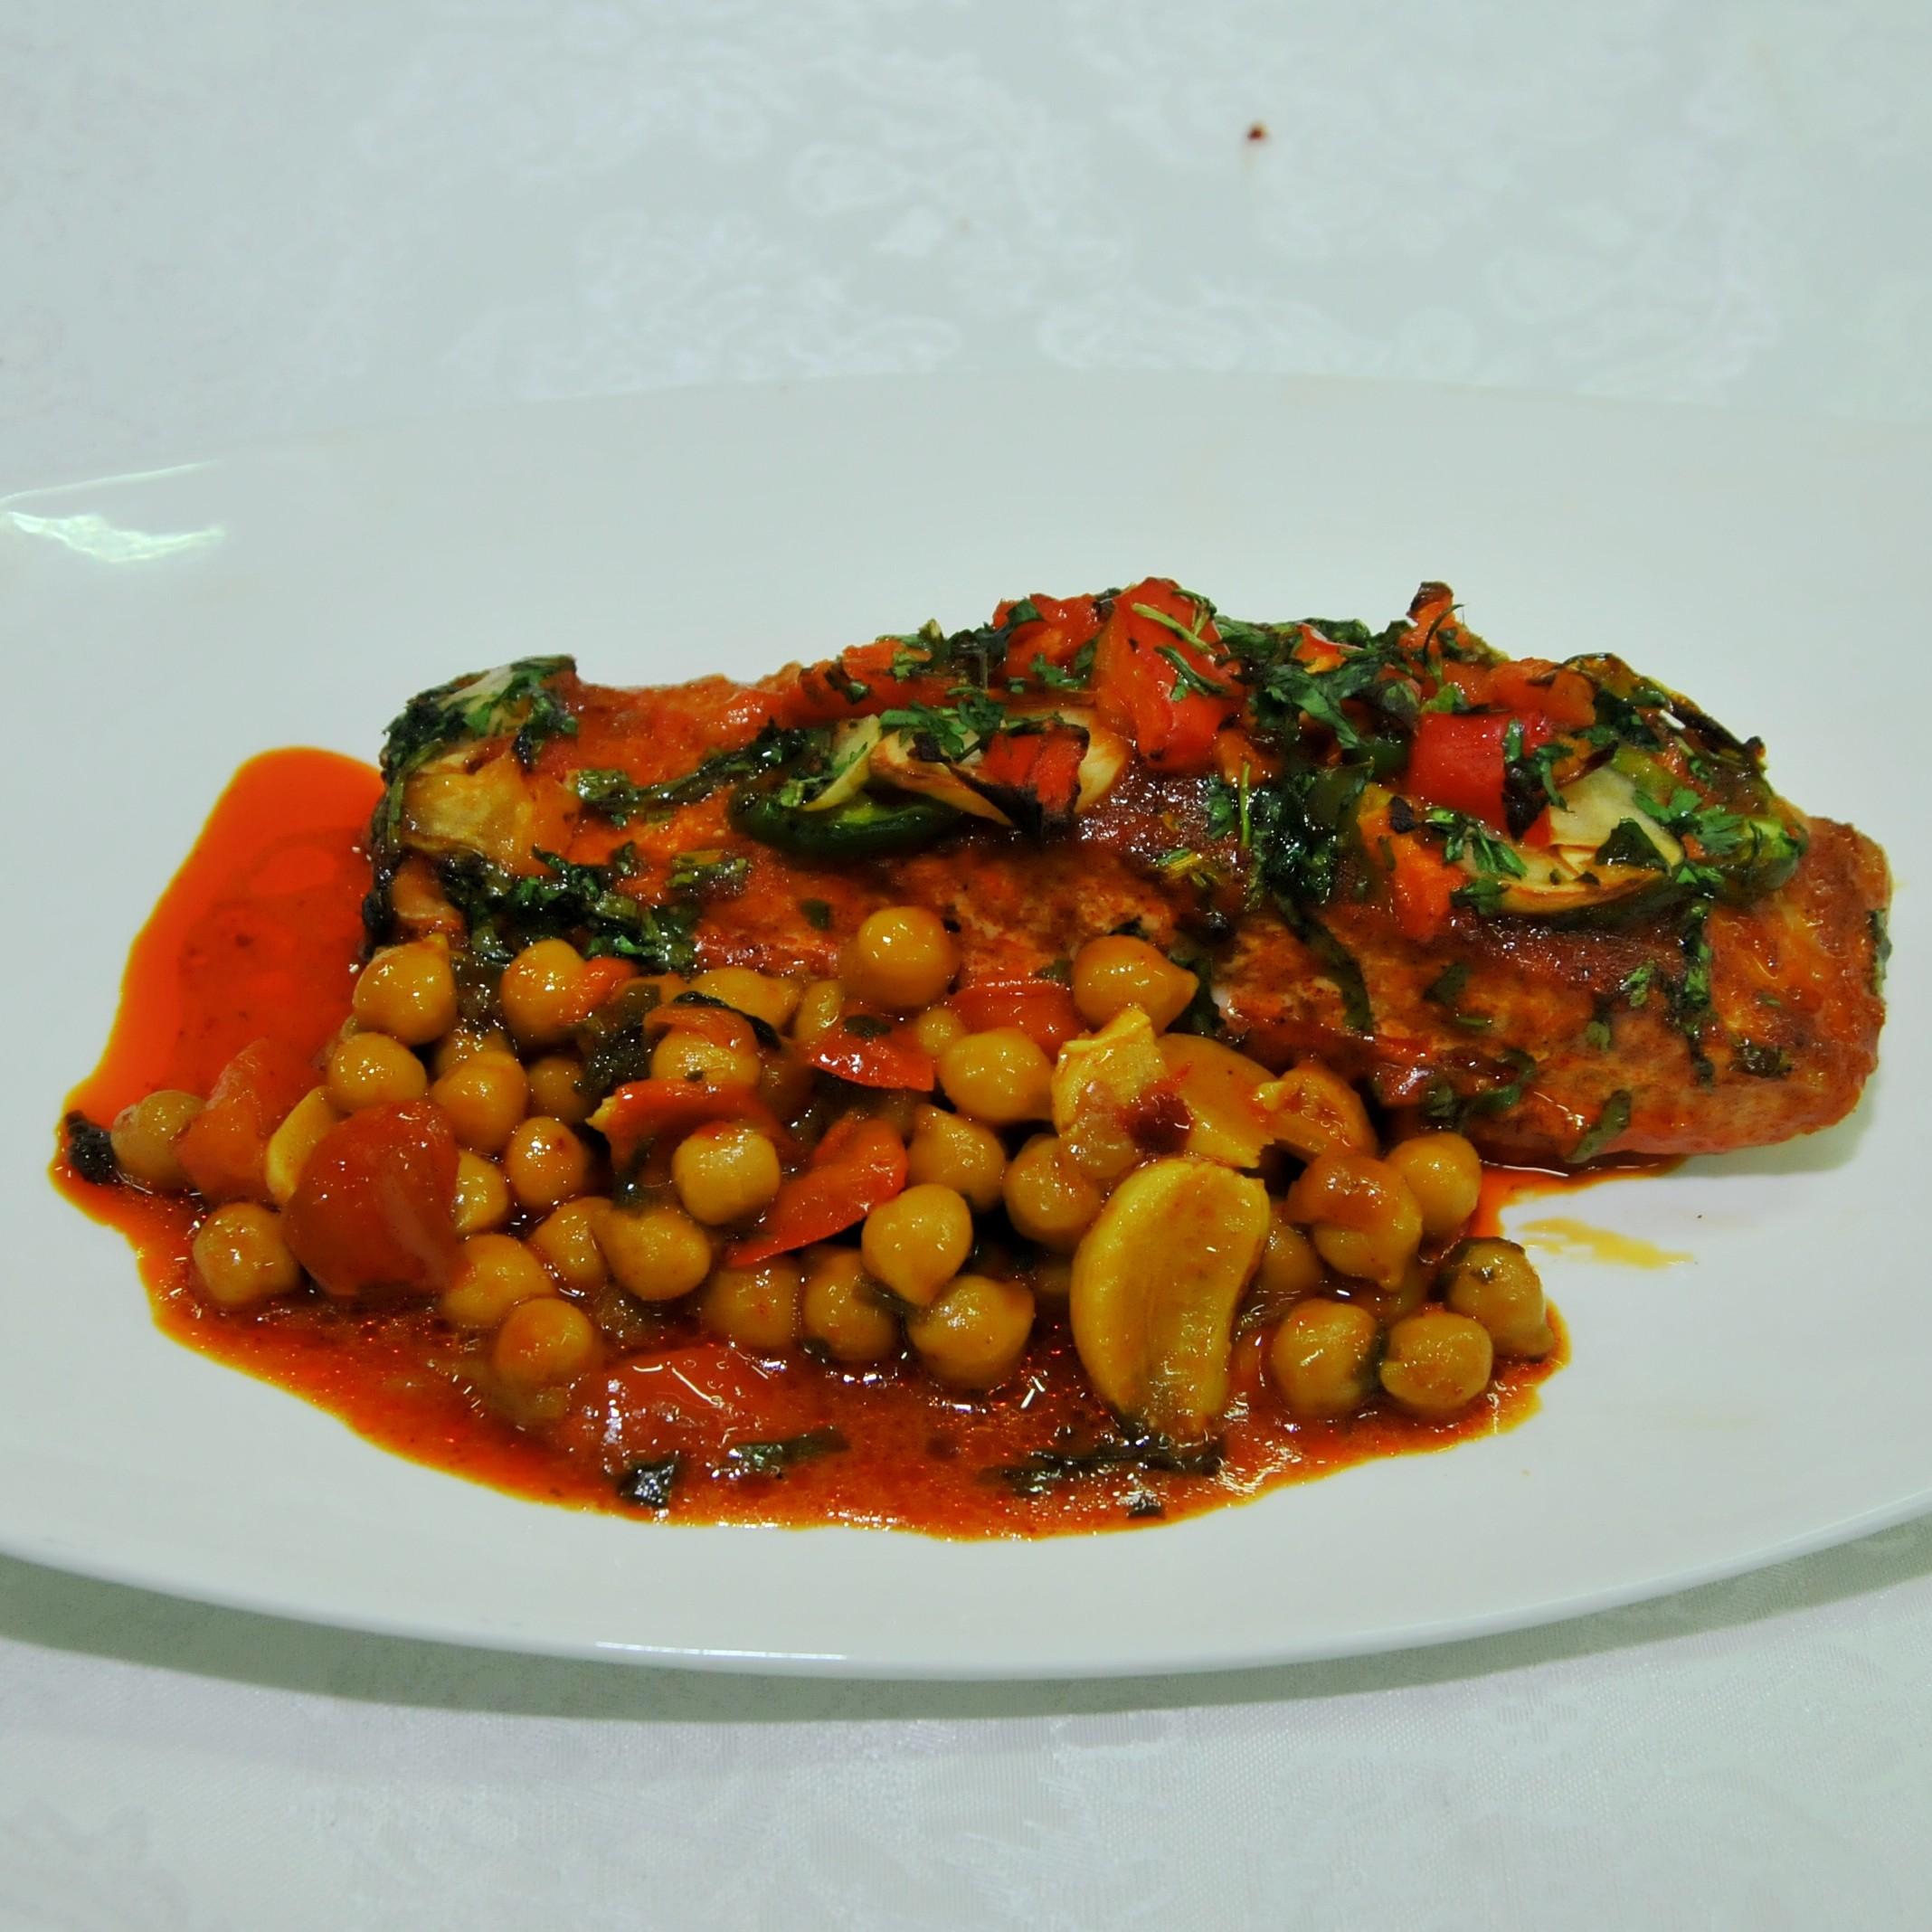 קייטרינג האצולה - מטבח מסורתי ומודרני